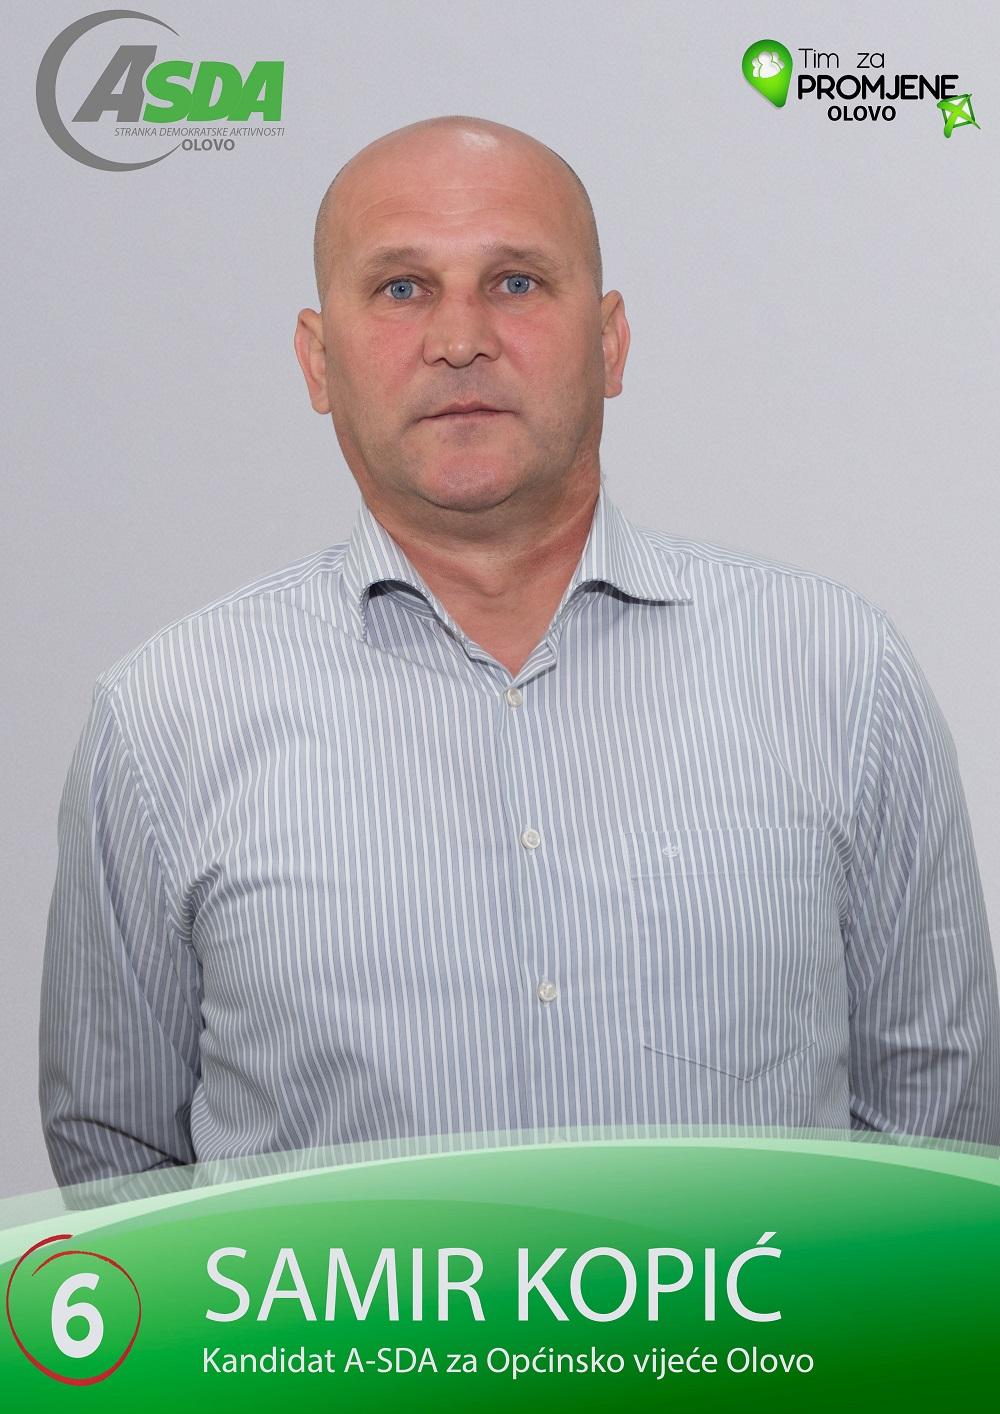 Samir Kopić